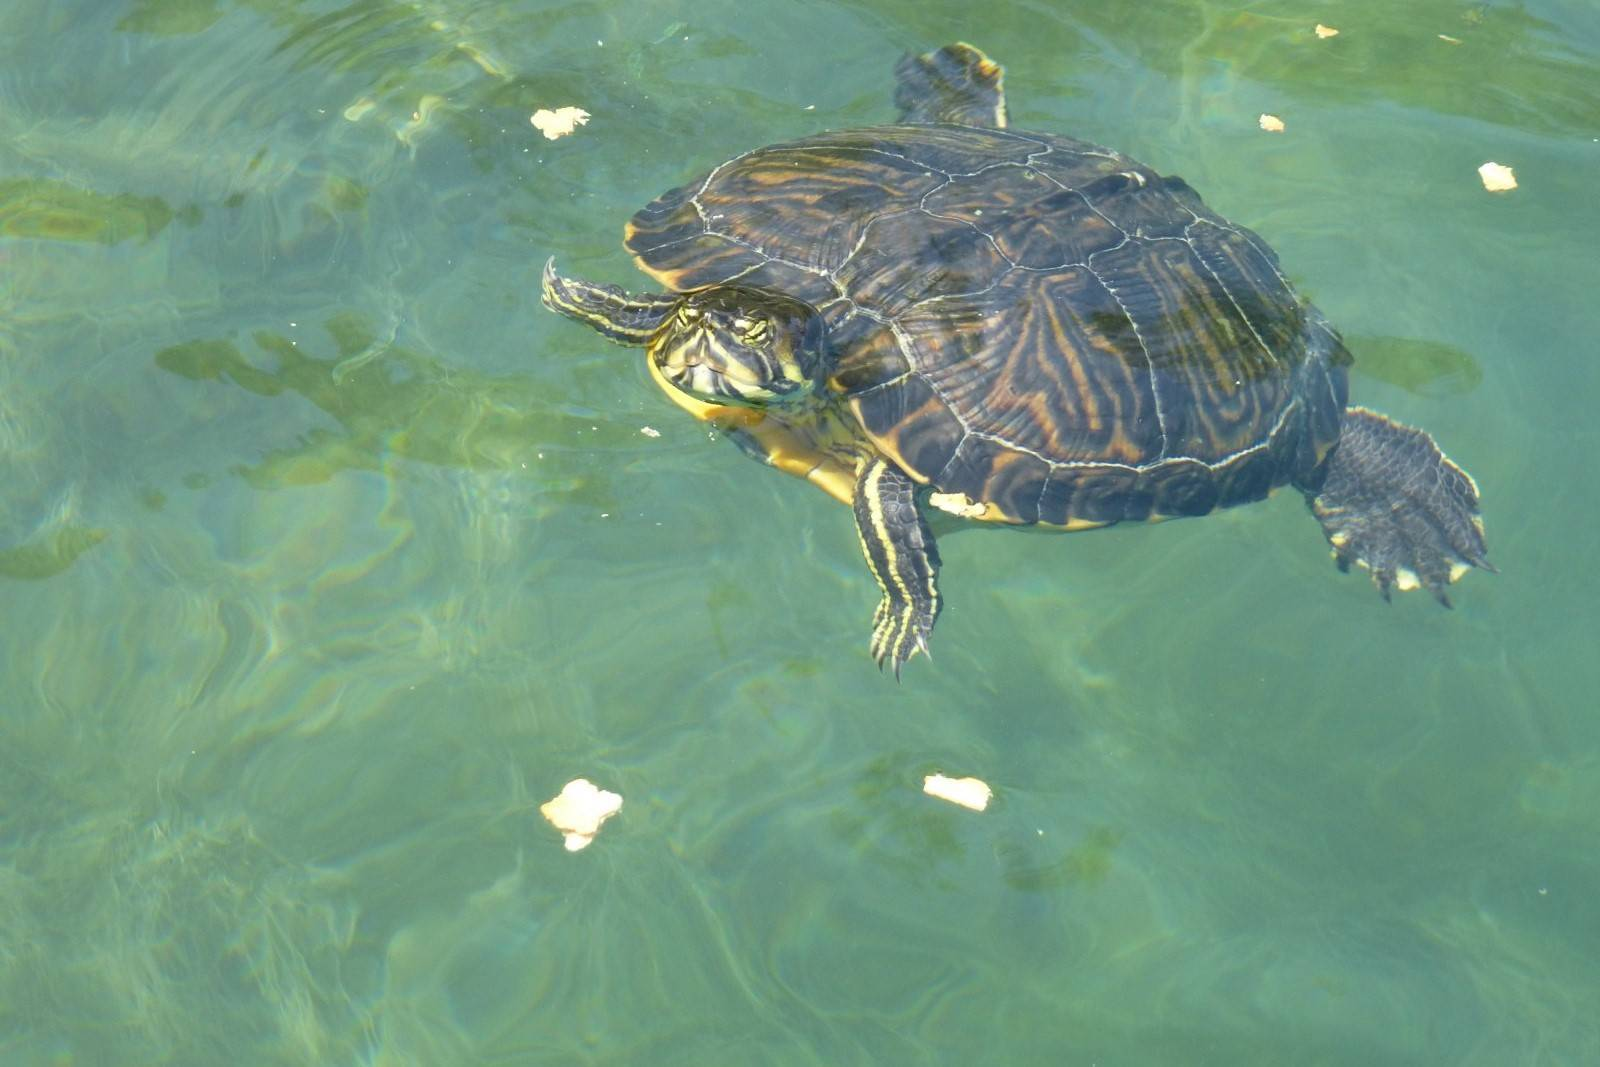 Греческий остров корфу: исчезающие черепахи, деревья и рыбаки